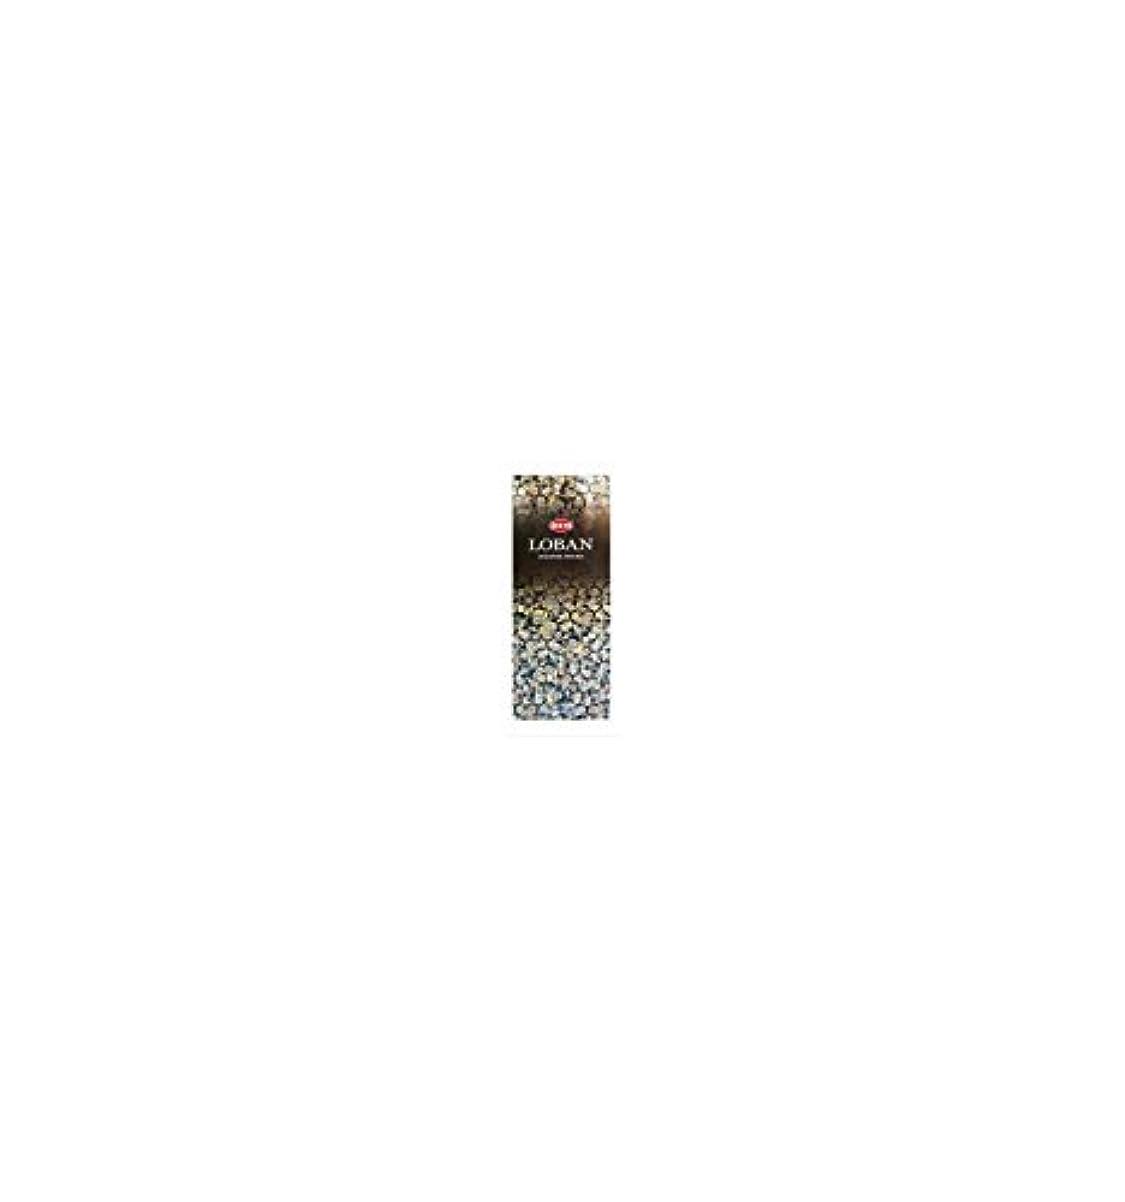 クラックスキップ過度のHEM(ヘム)社 ローバン香 スティック LOBAN 6箱セット